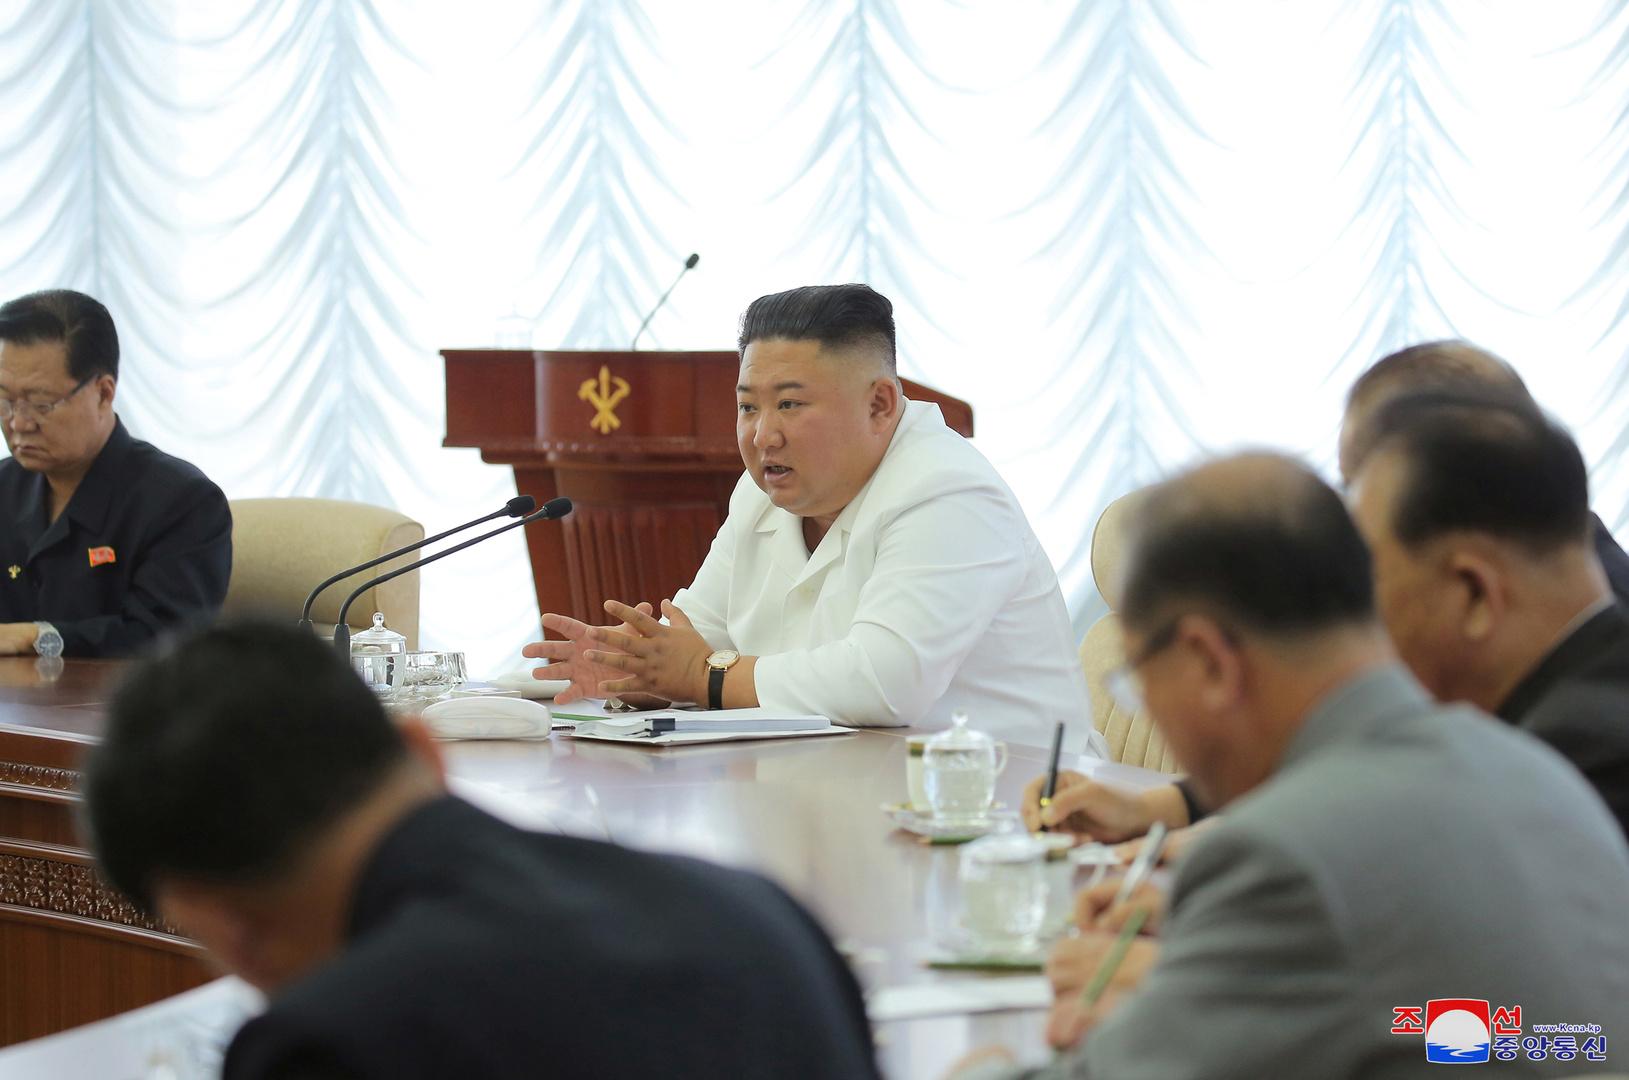 بيونغ يانغ: تصريحات الجنوب حول الحوار مع أمريكا والنووي